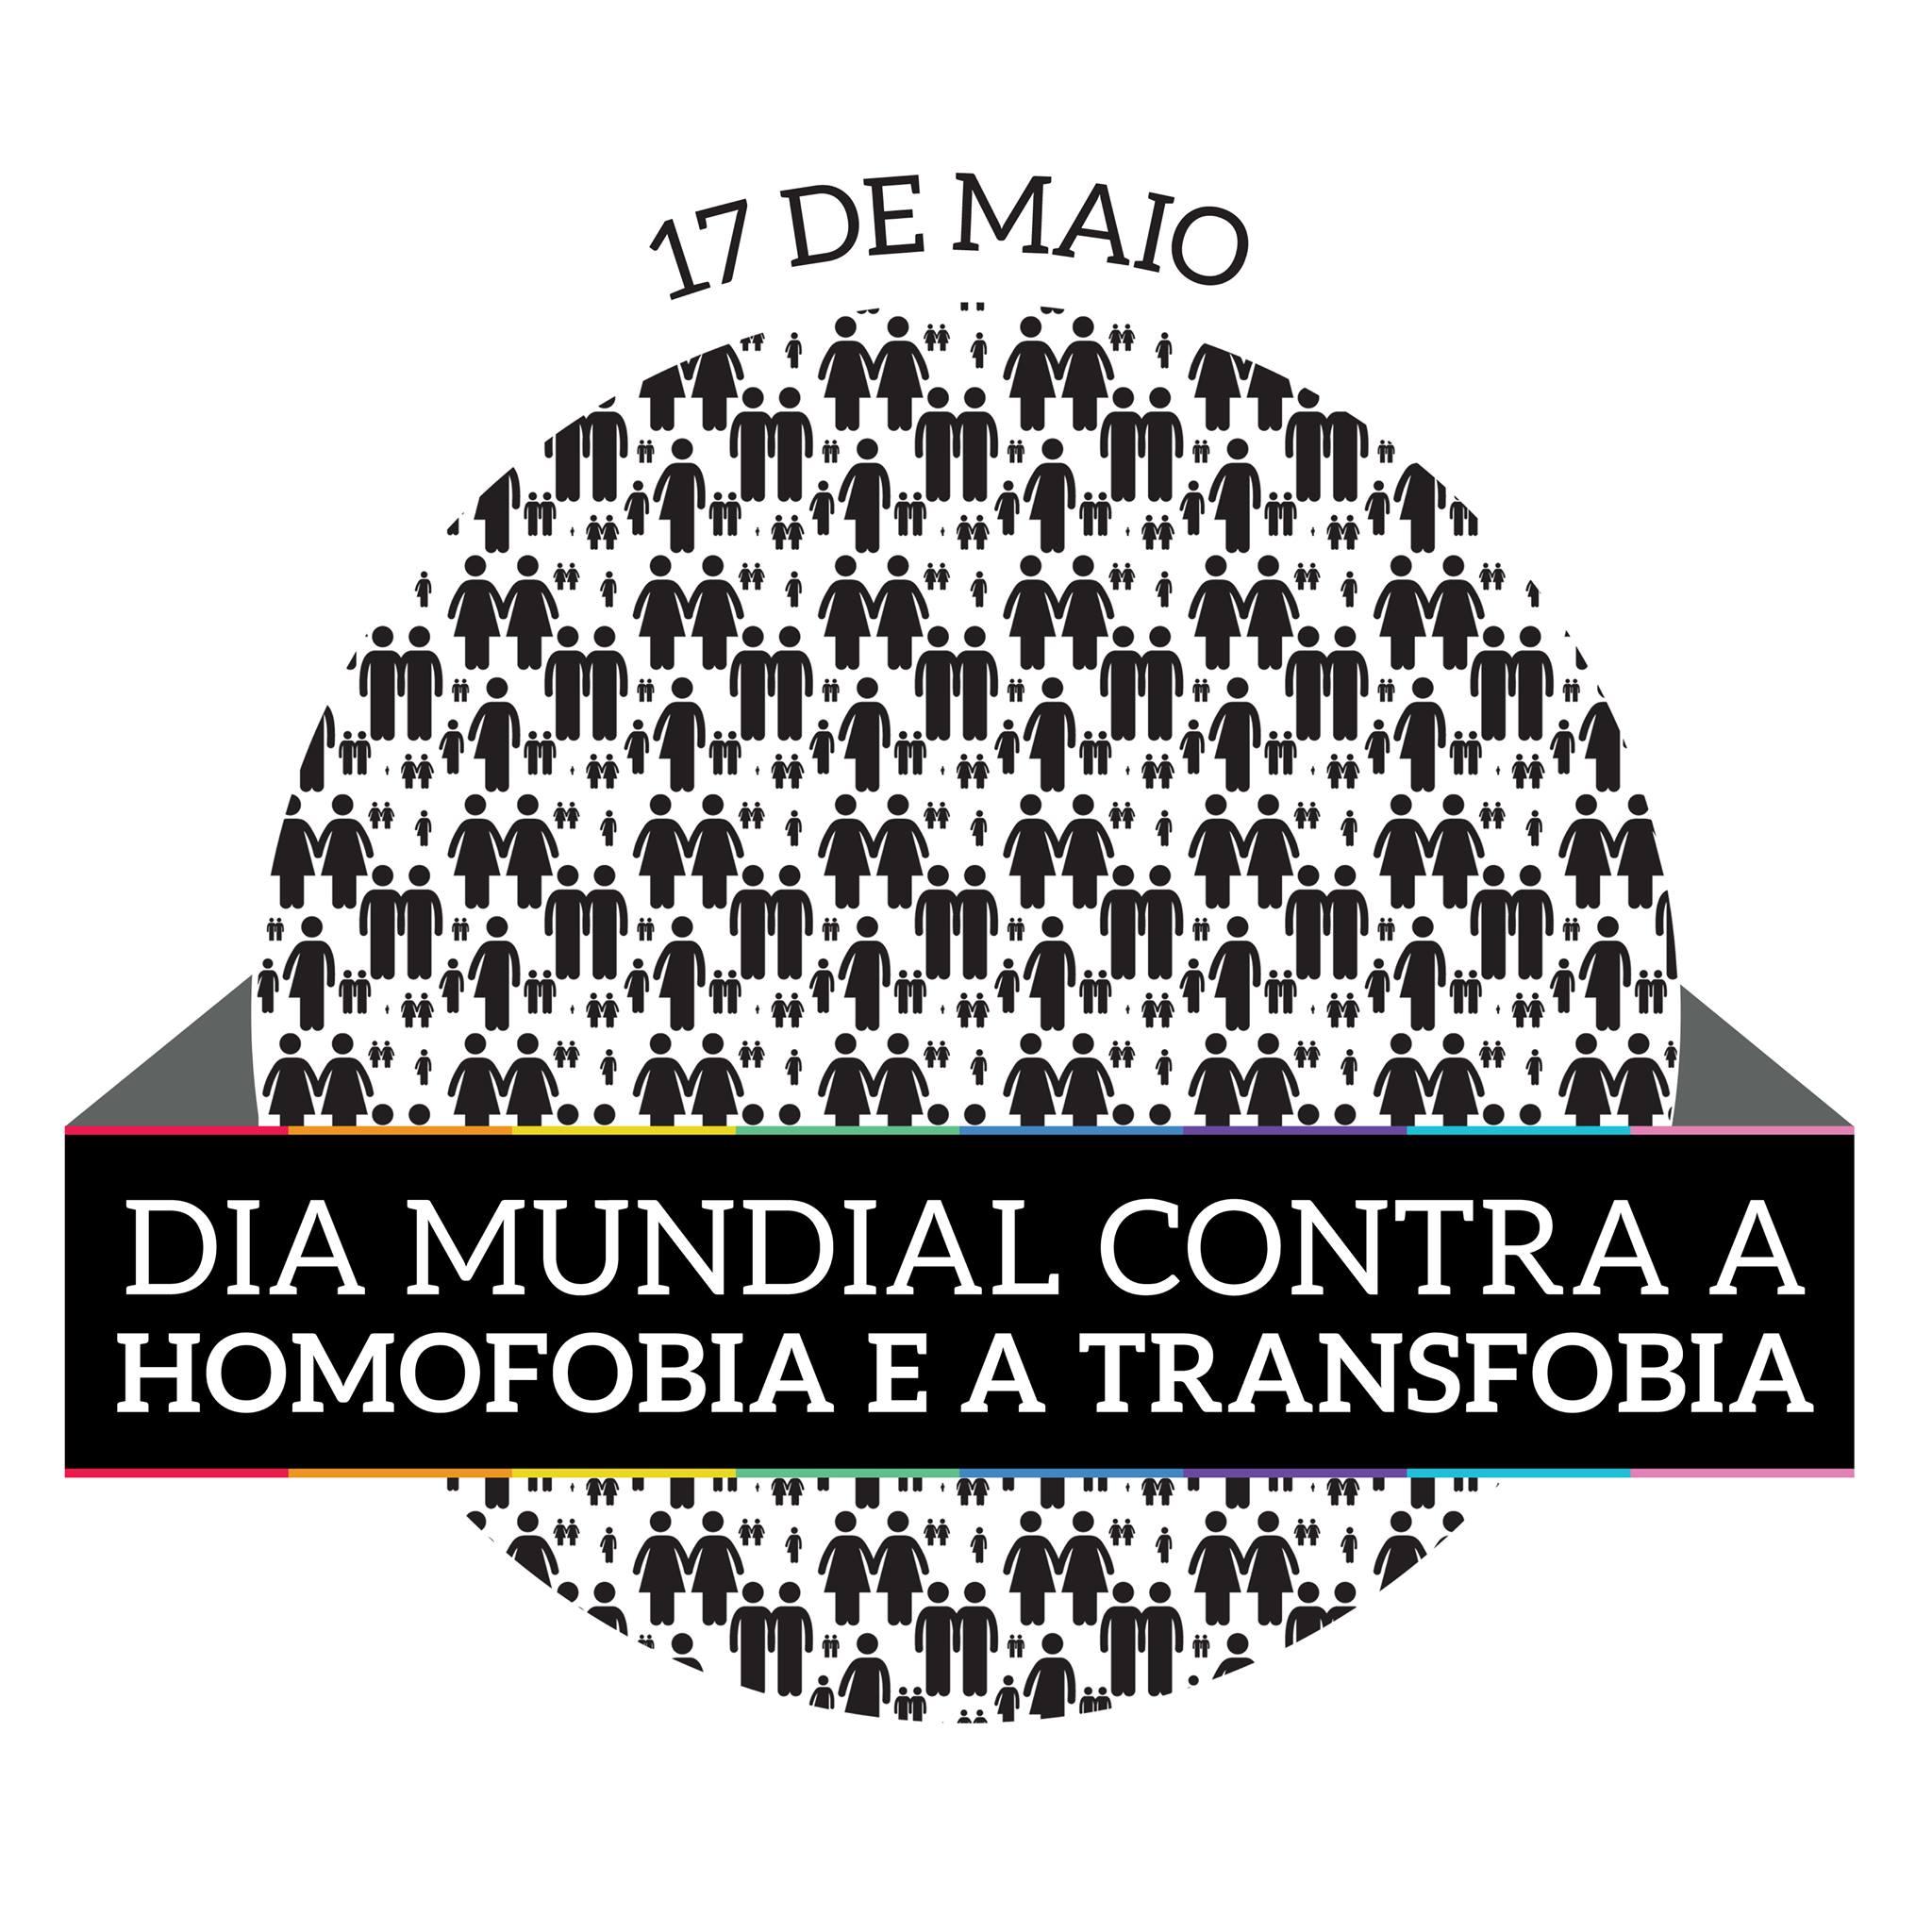 Dia Mundial Contra a Homofobia e a Transfobia